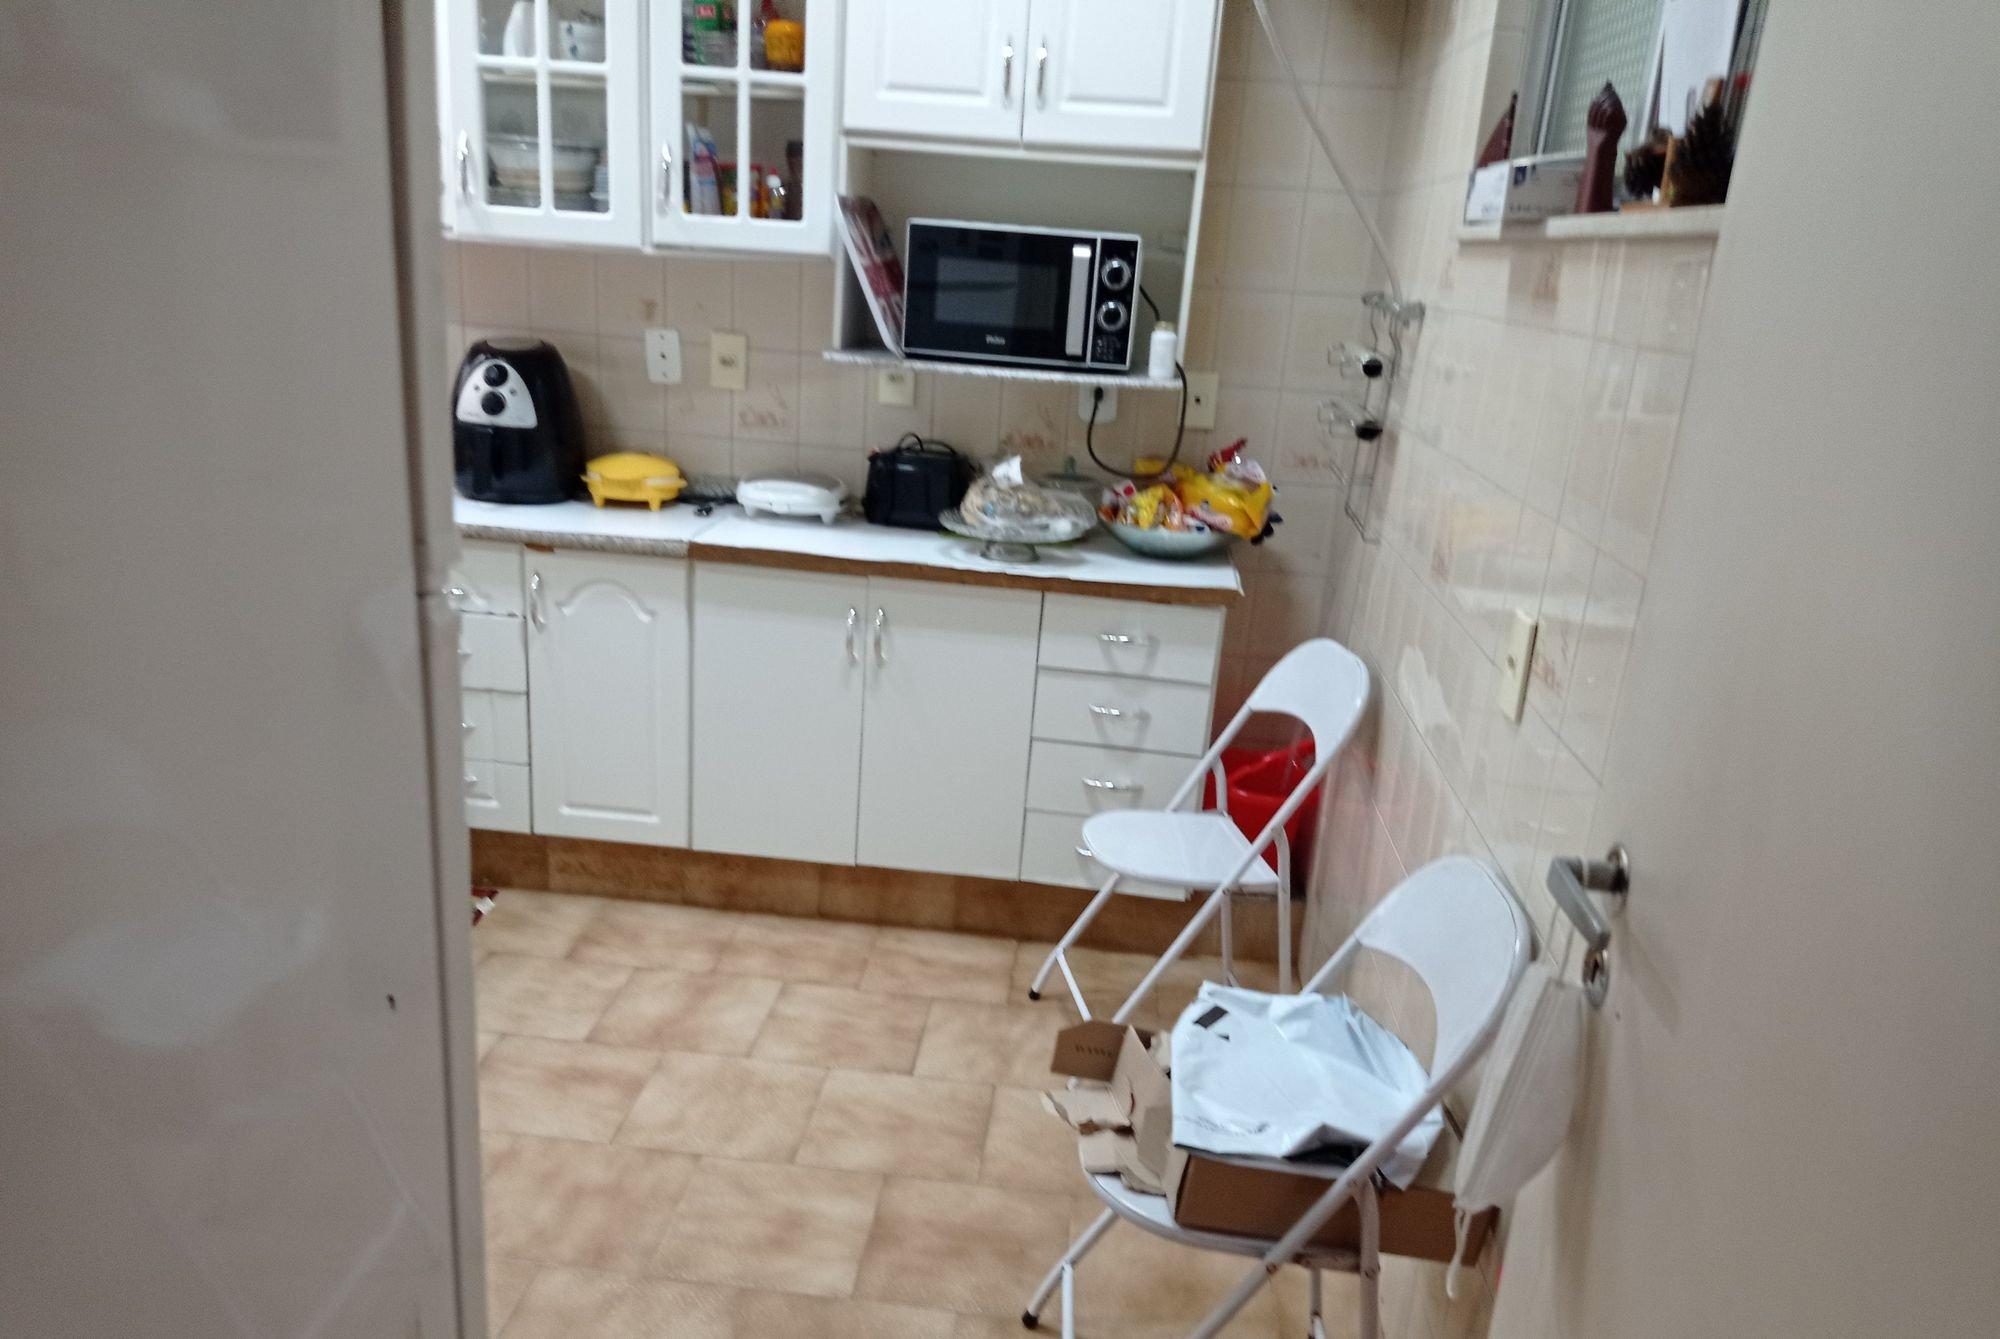 Foto de Cozinha com bolsa, tigela, cadeira, microondas